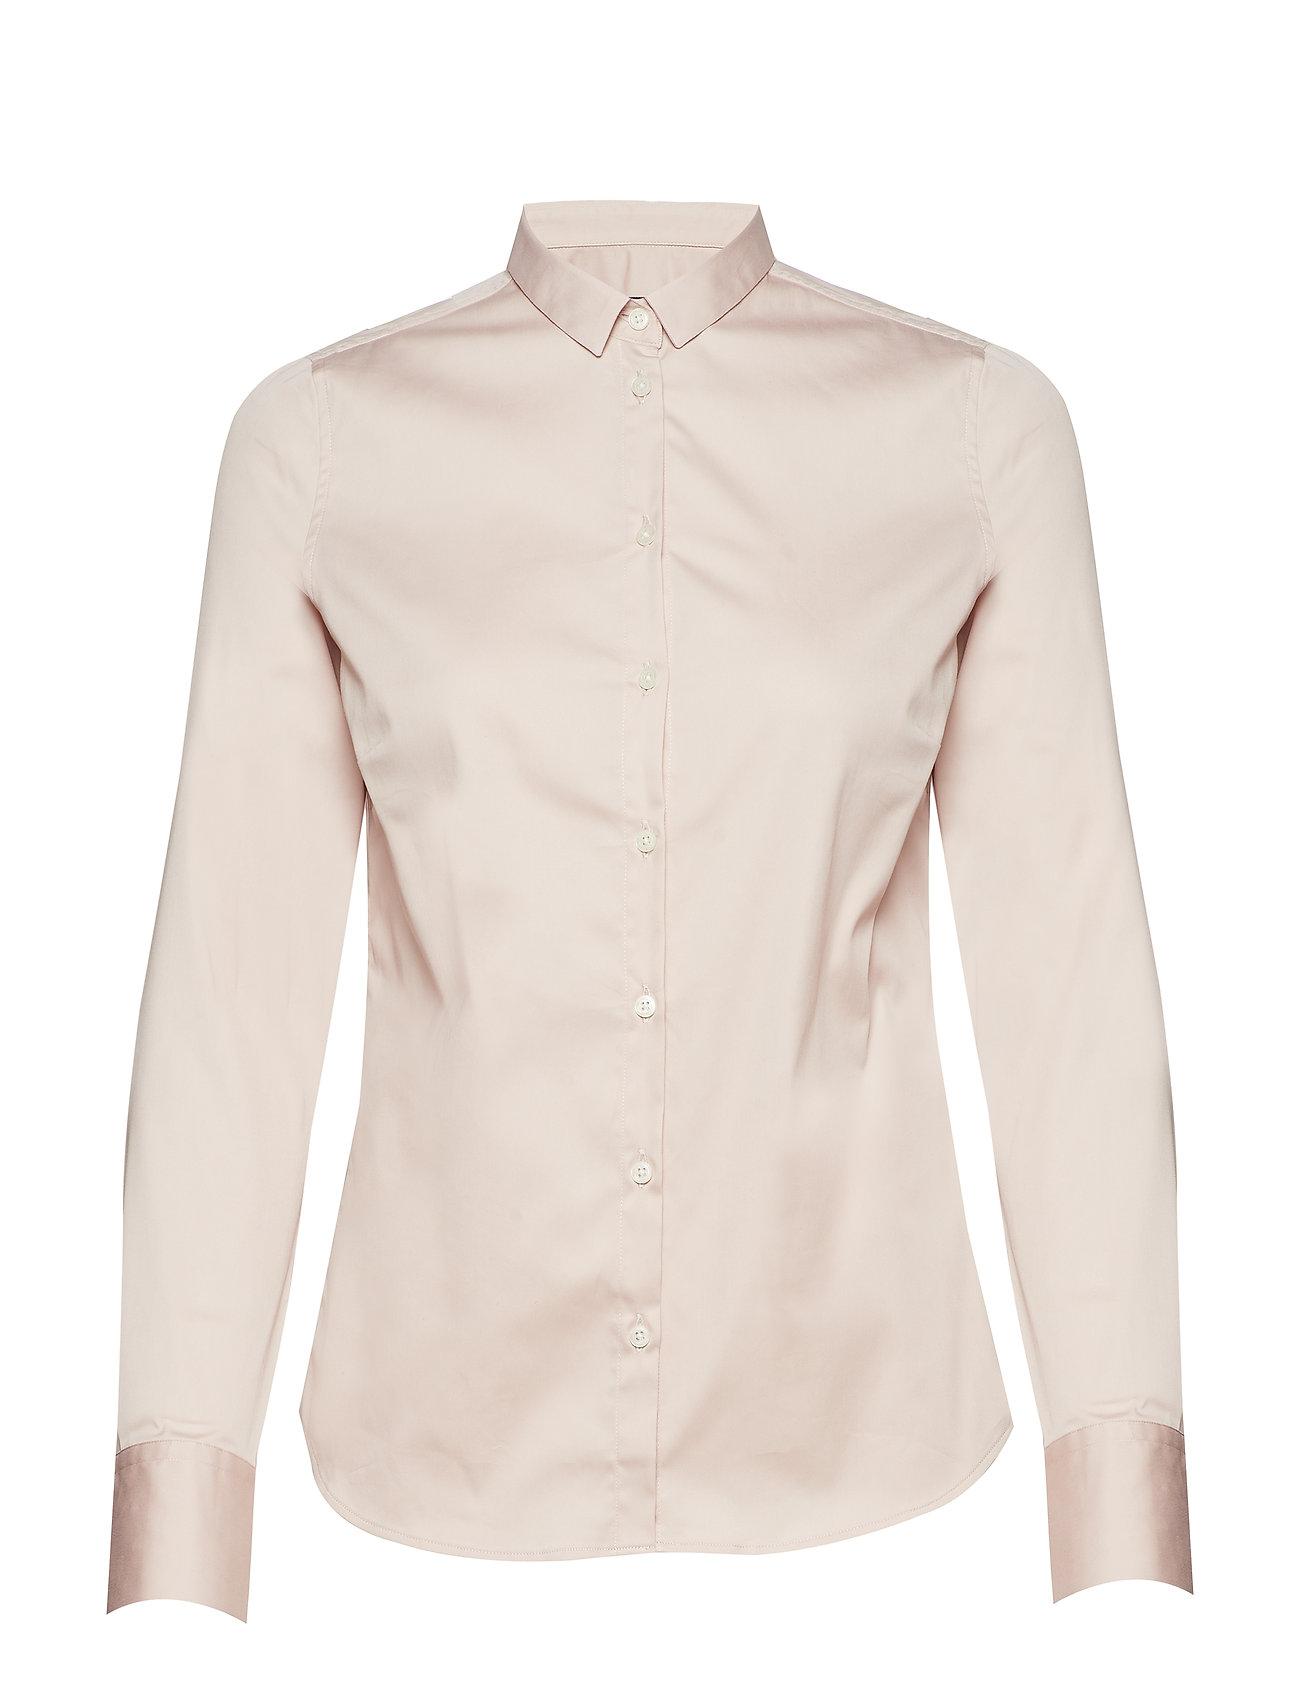 Image of Tilda Shirt (2603354707)